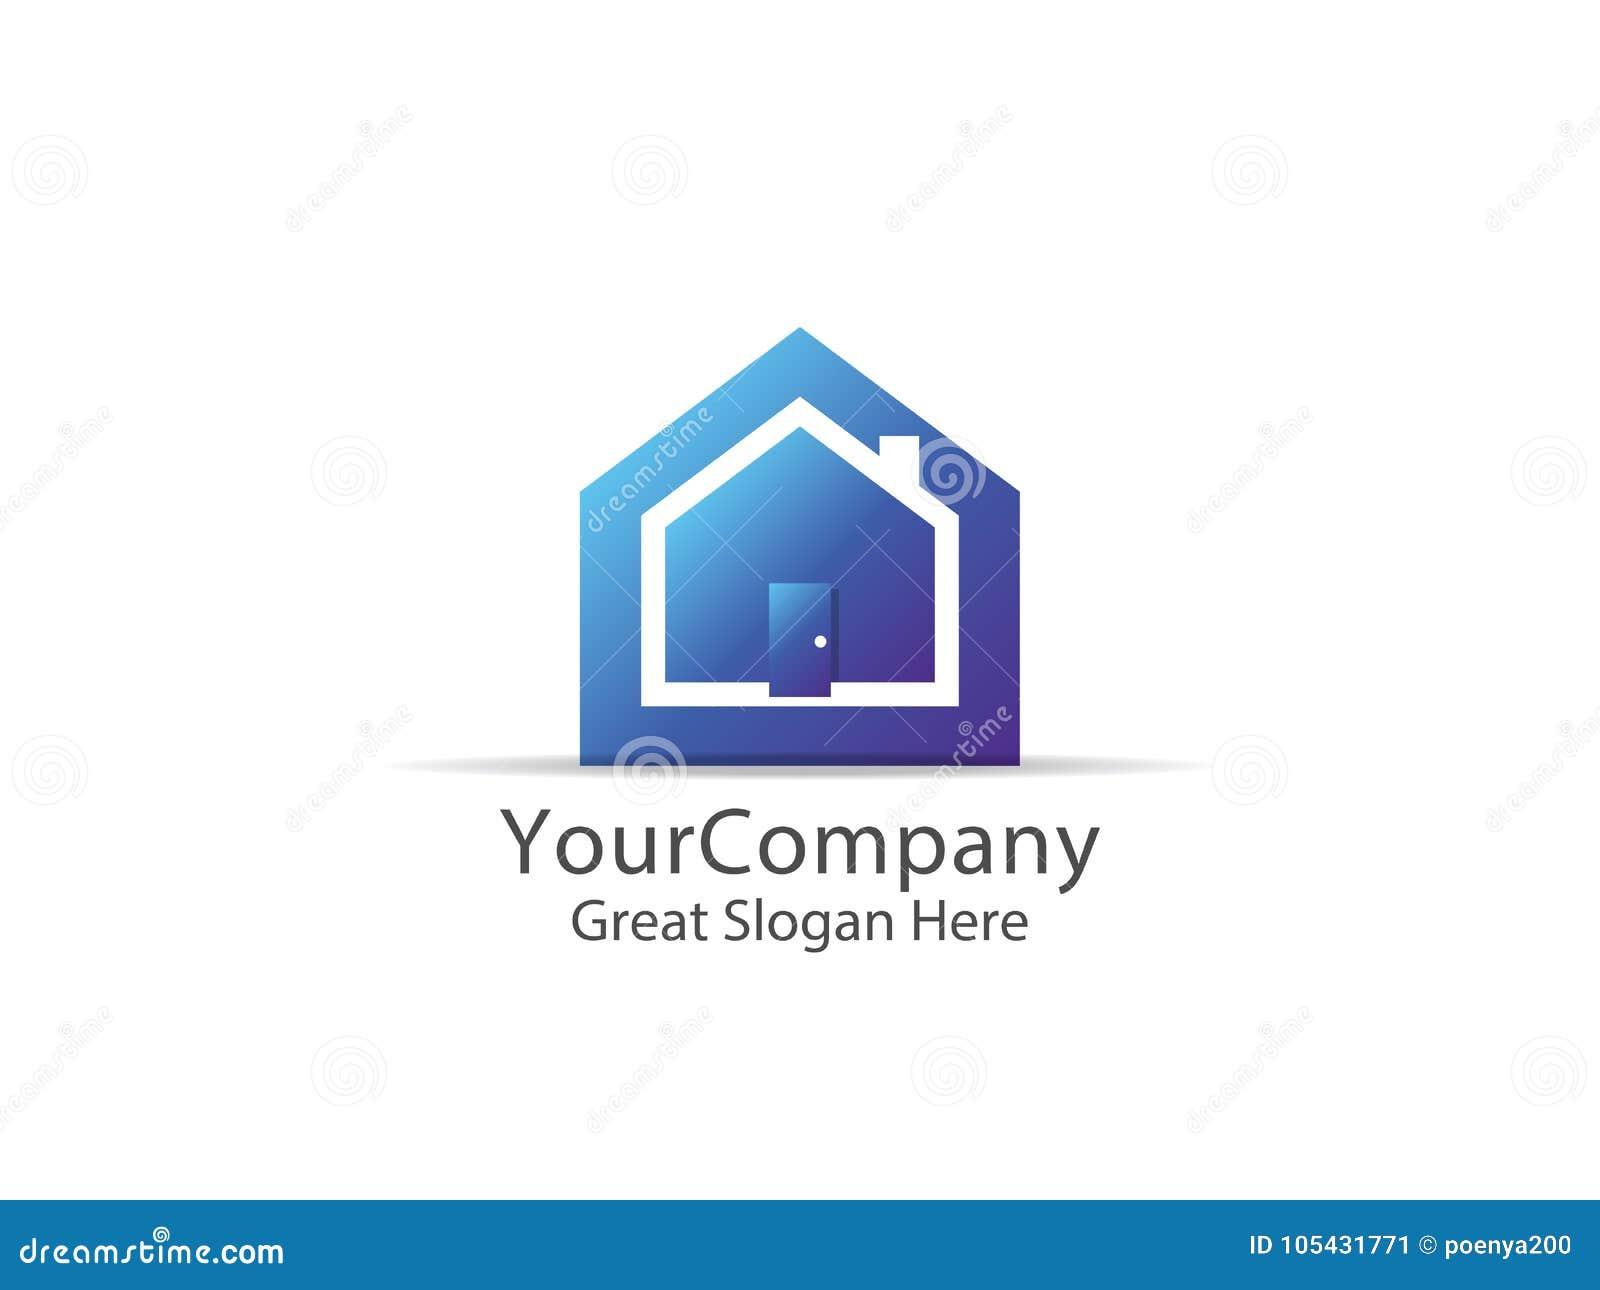 Abstract House Logo Icon Design. Home Sign Concept For Real Esta ...